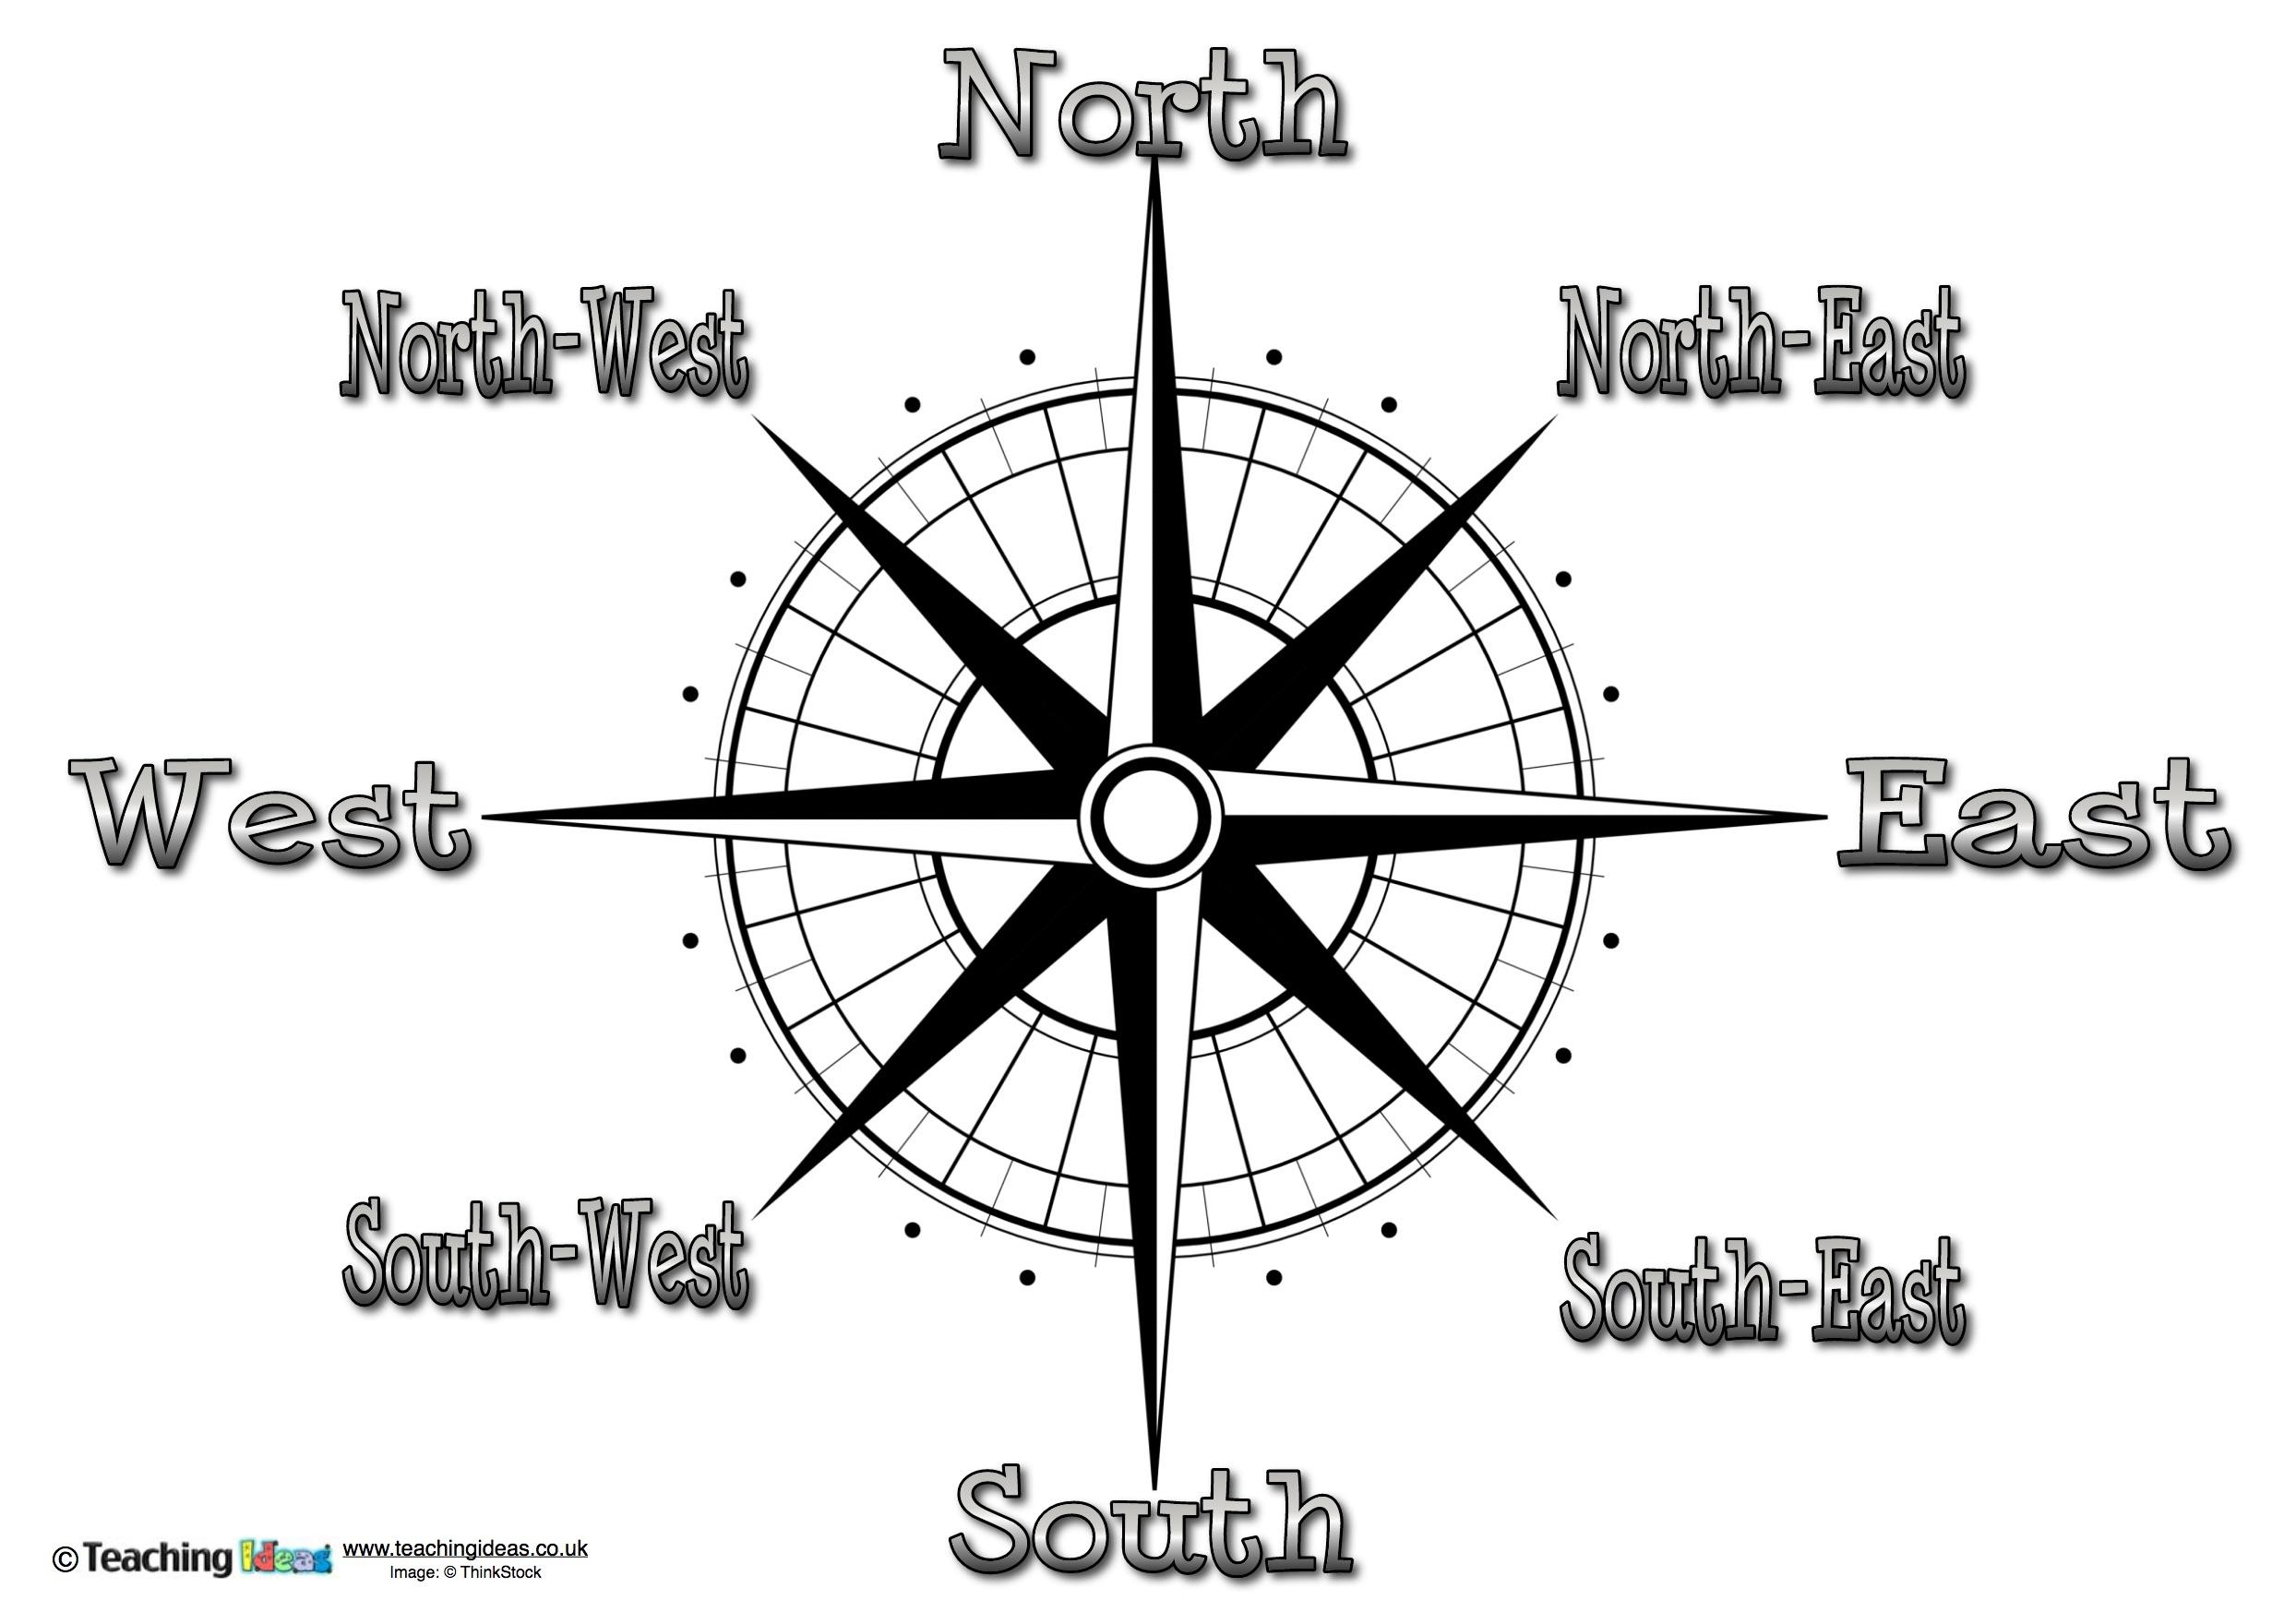 6E – Les Points Cardinaux / Directions – Le Blog De La Salle avec Les 4 Point Cardinaux